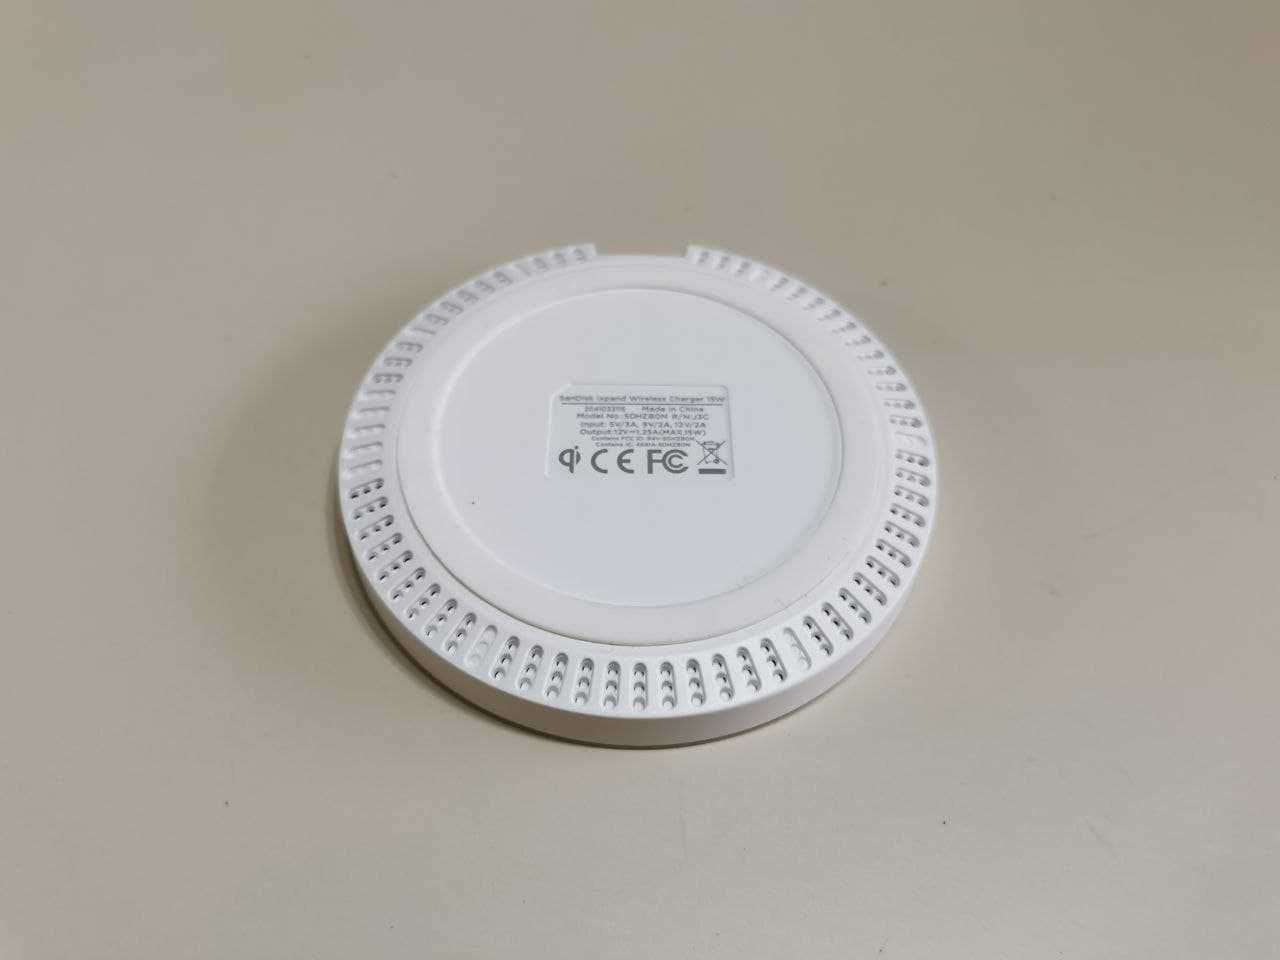 Recensione SanDisk Ixpand Wireless Charger: veloce e discreto